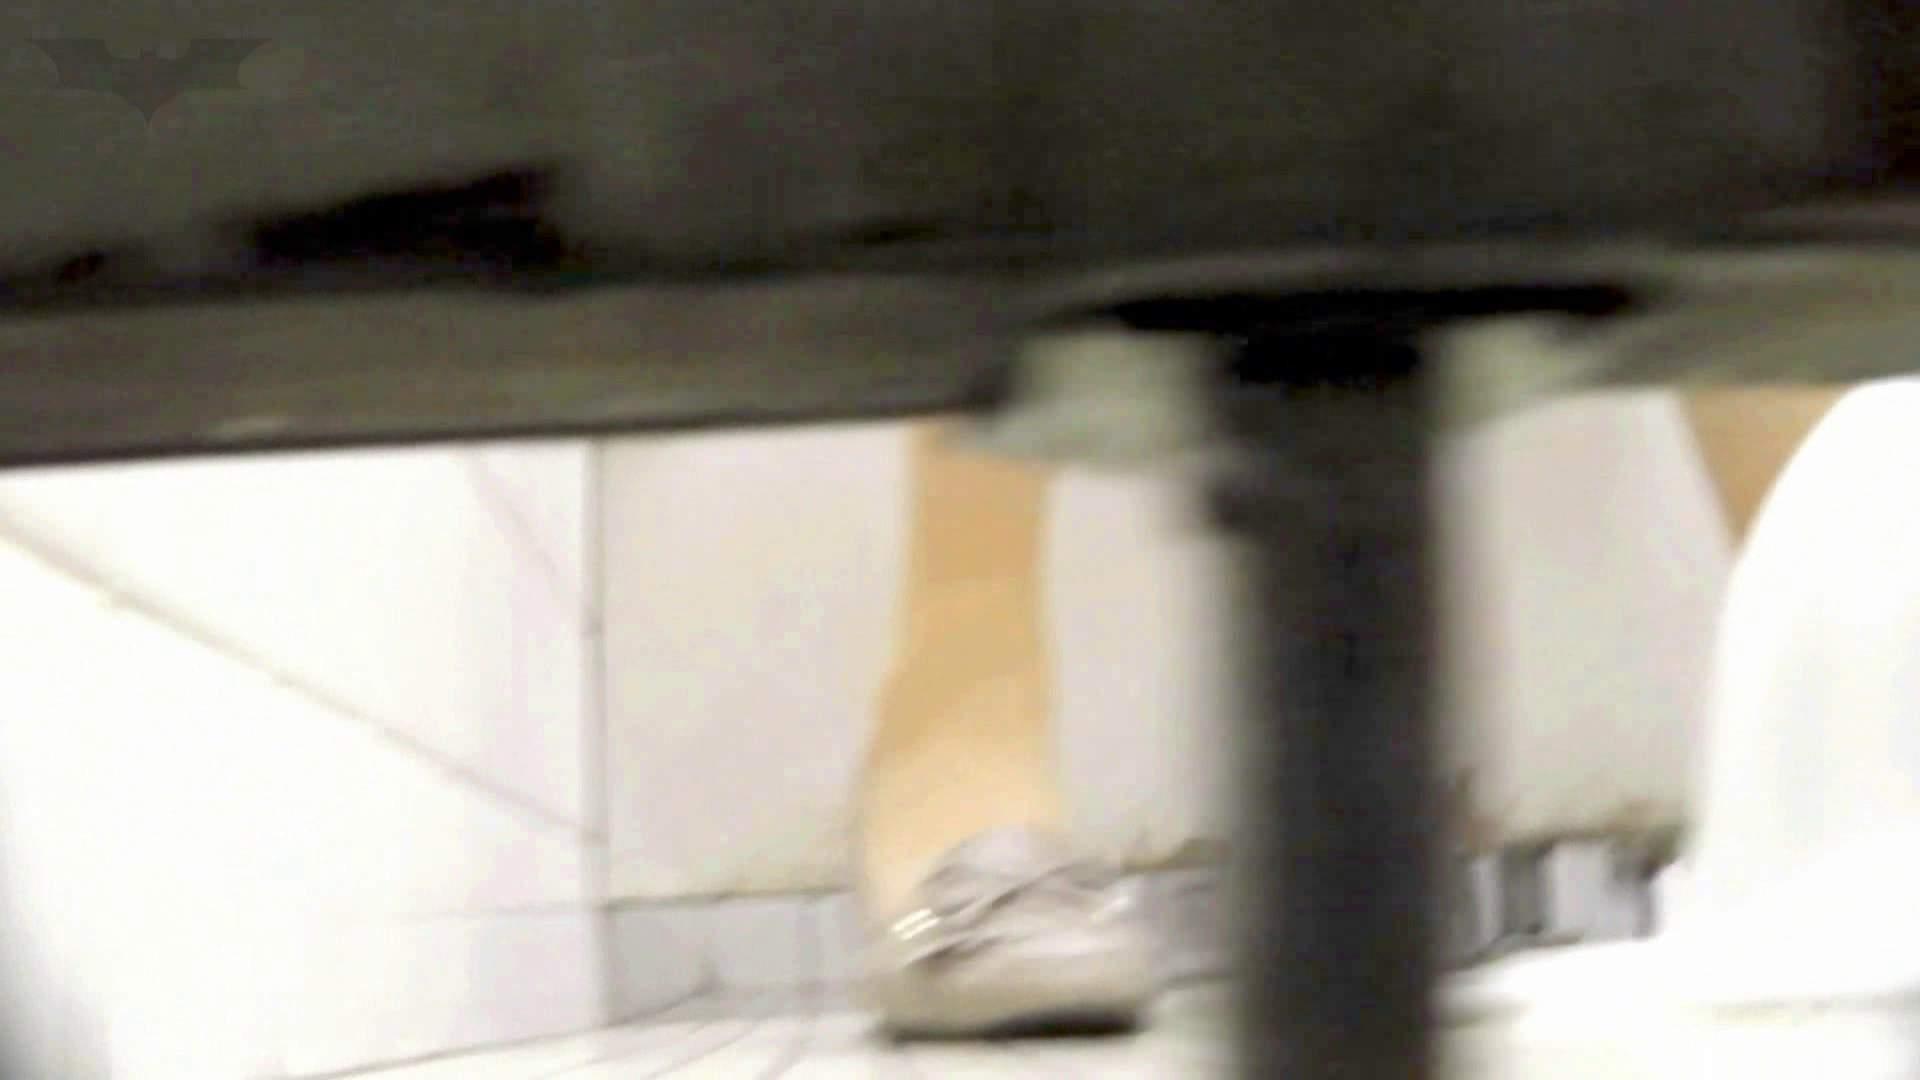 洗面所特攻隊 vol.74 last 2総勢16名激撮【2015・29位】 洗面所 | エッチなOL  84枚 43